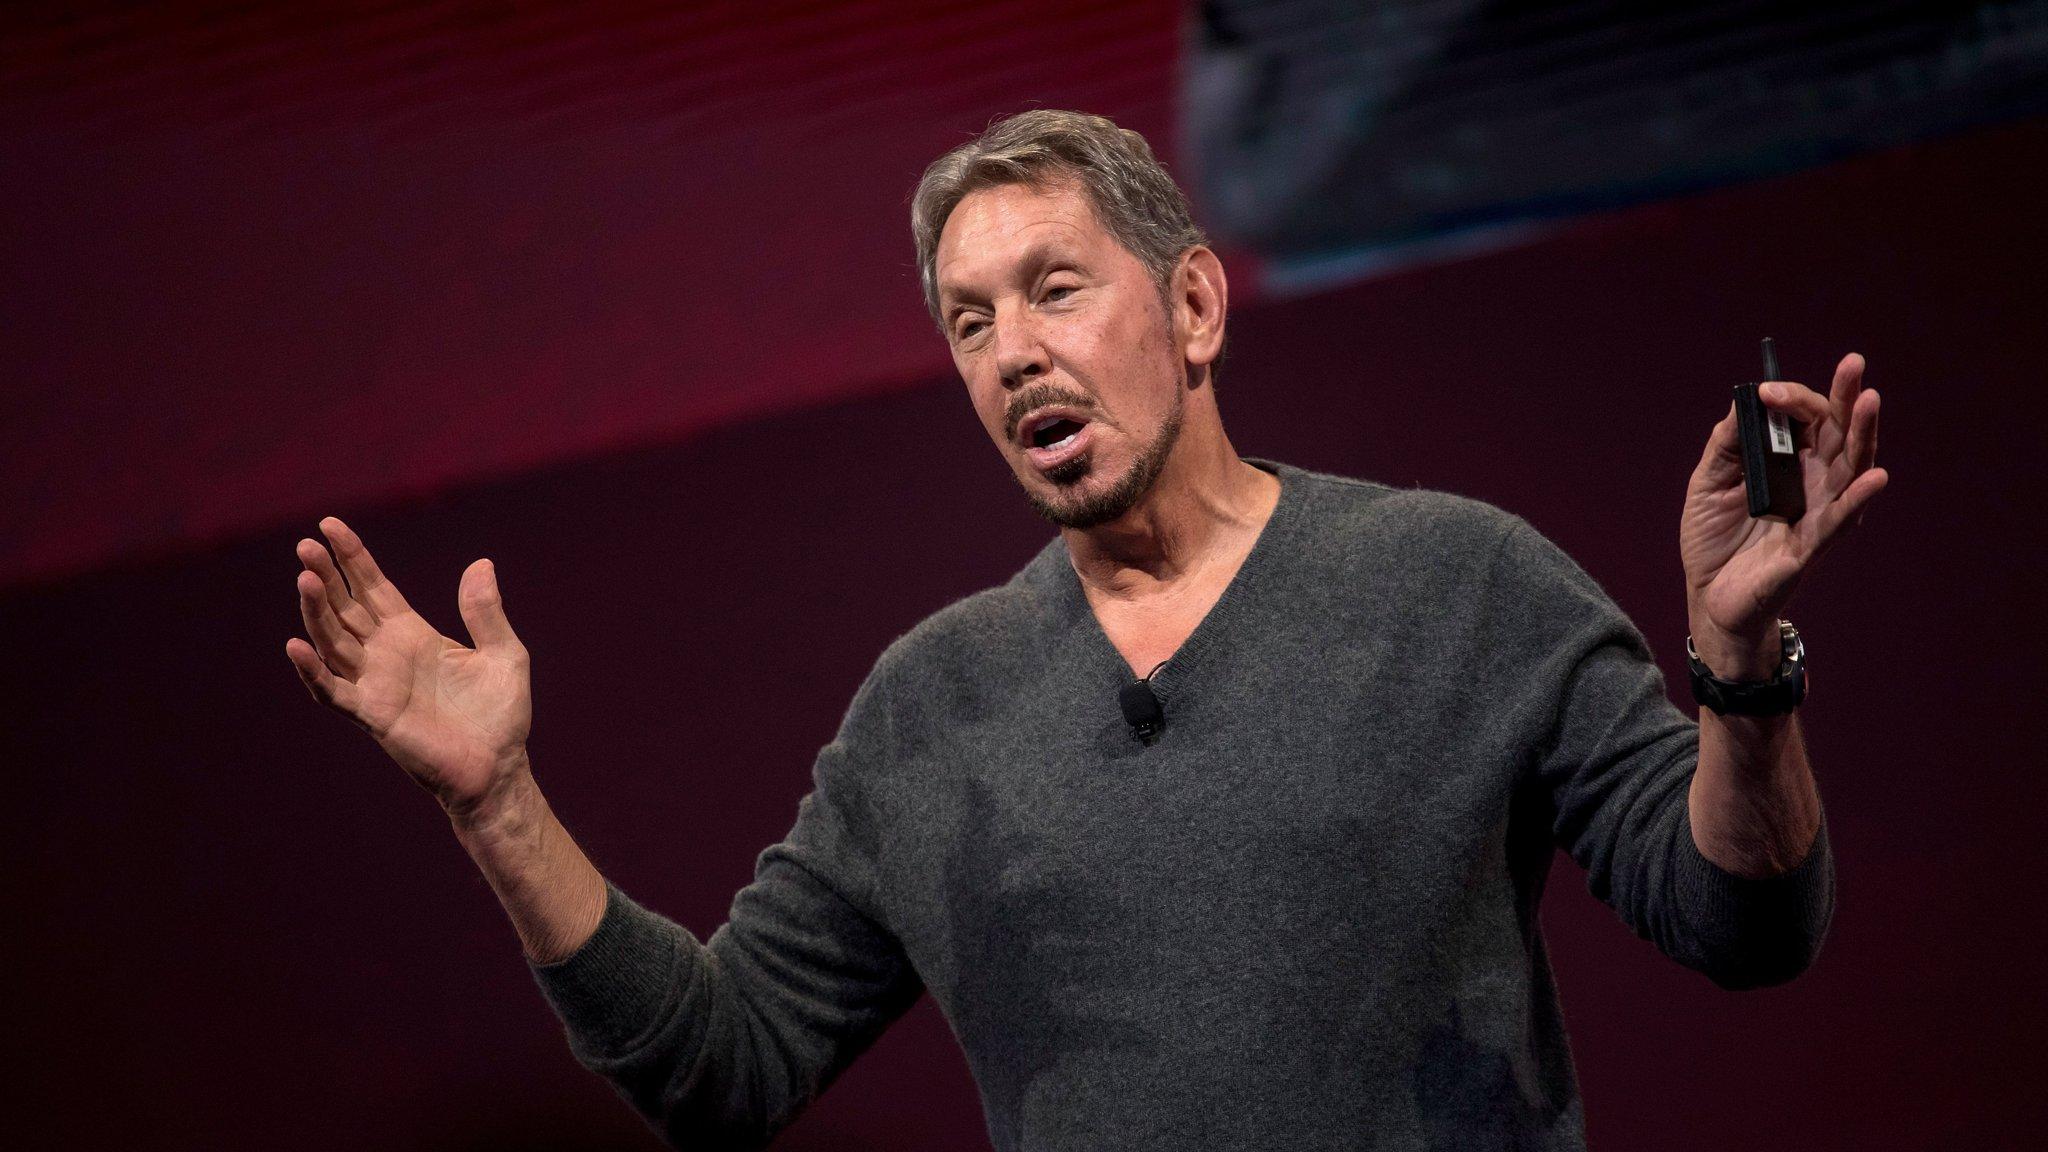 Ellison joins Tesla board in reshuffle to rein in Musk